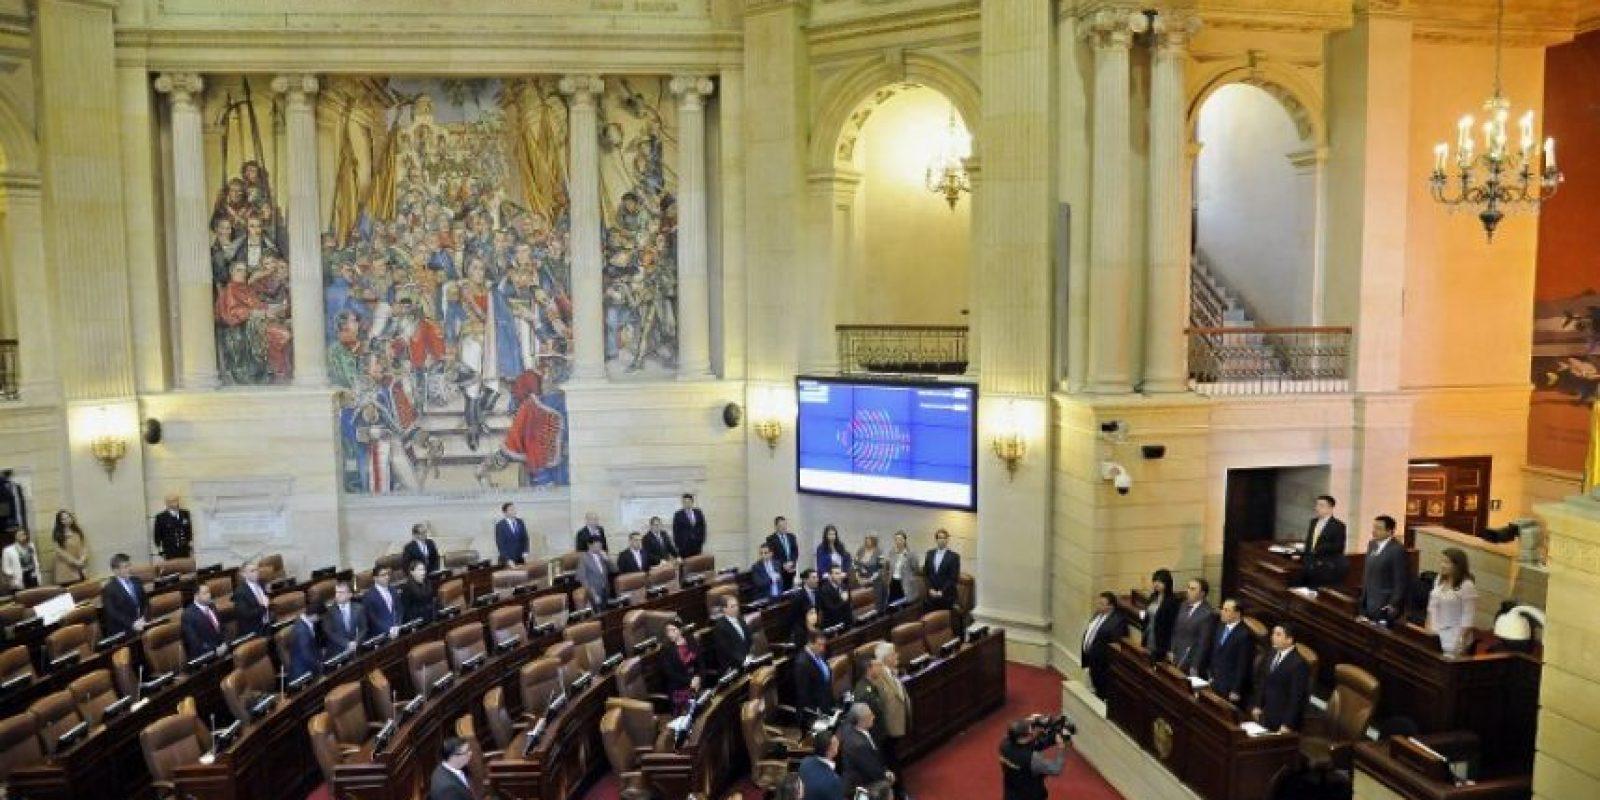 """""""Se aprueba la proposición de refrendación del acuerdo de paz"""", anunció la Cámara de Representantes, donde se registró una votación de 130 congresistas a favor y 0 en contra, de un total de 166 representantes. Foto:Afp. Imagen Por:"""